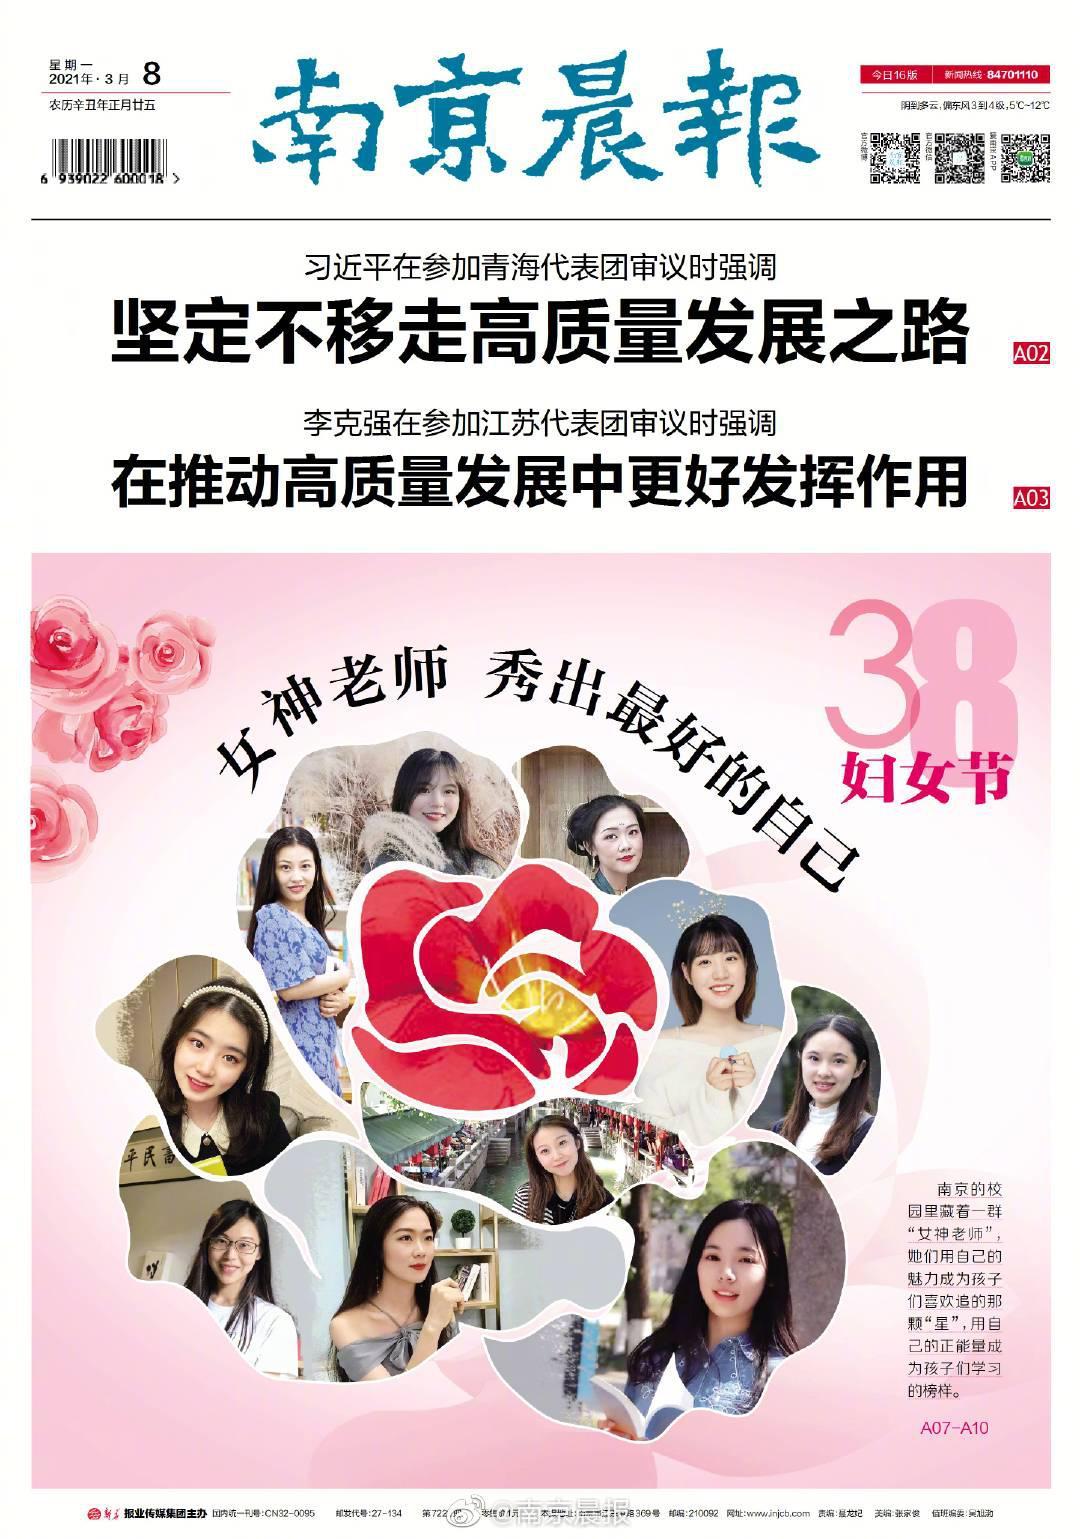 南京晨报3月8日电子版